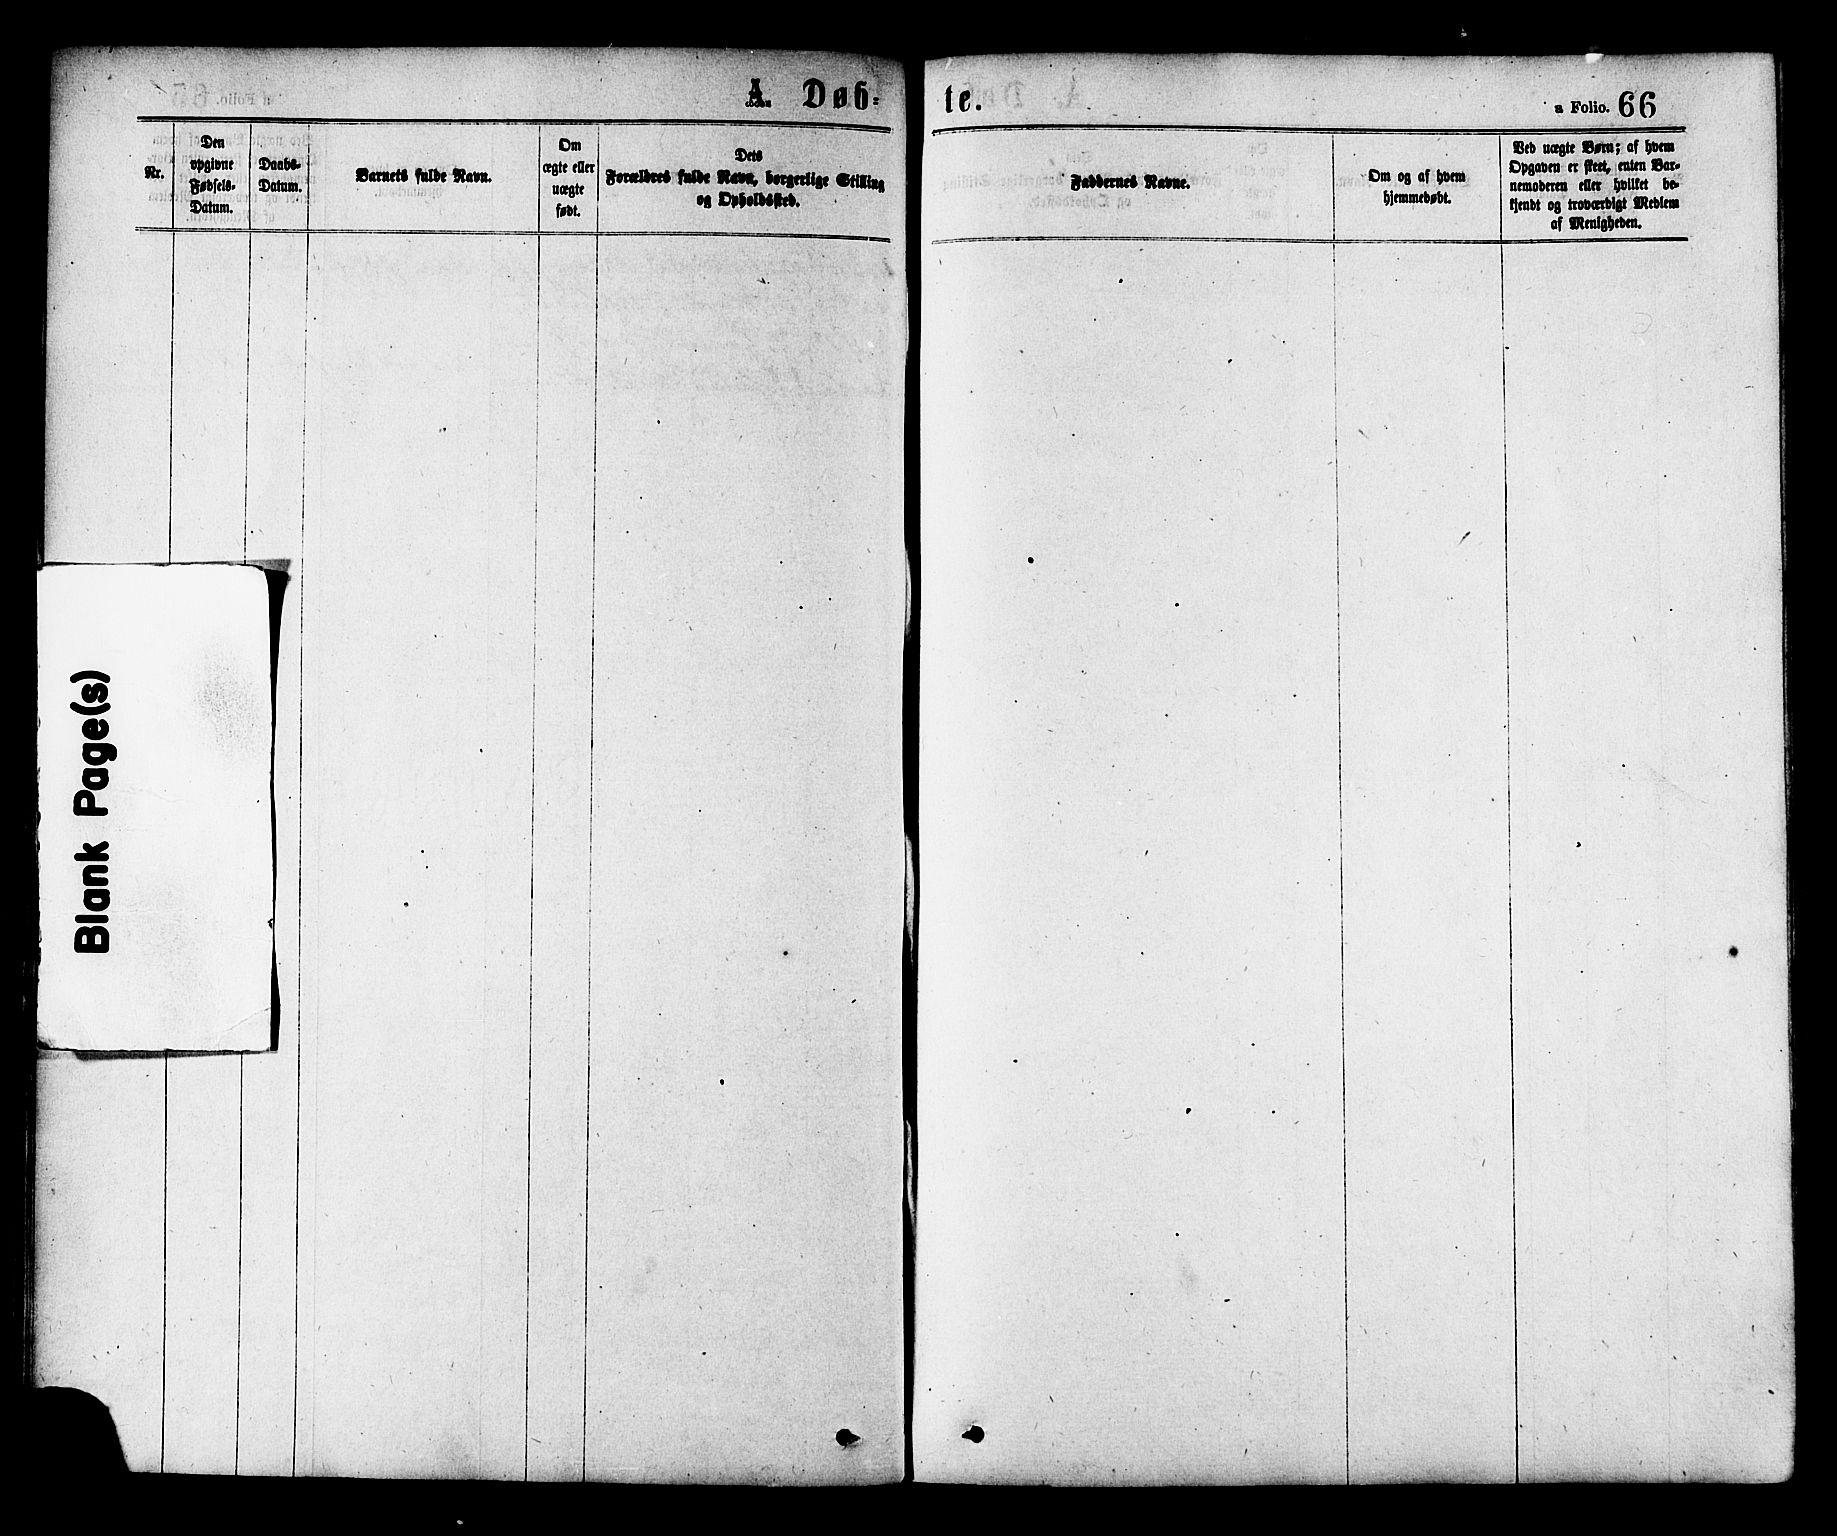 SAT, Ministerialprotokoller, klokkerbøker og fødselsregistre - Nord-Trøndelag, 758/L0516: Ministerialbok nr. 758A03 /2, 1869-1879, s. 66